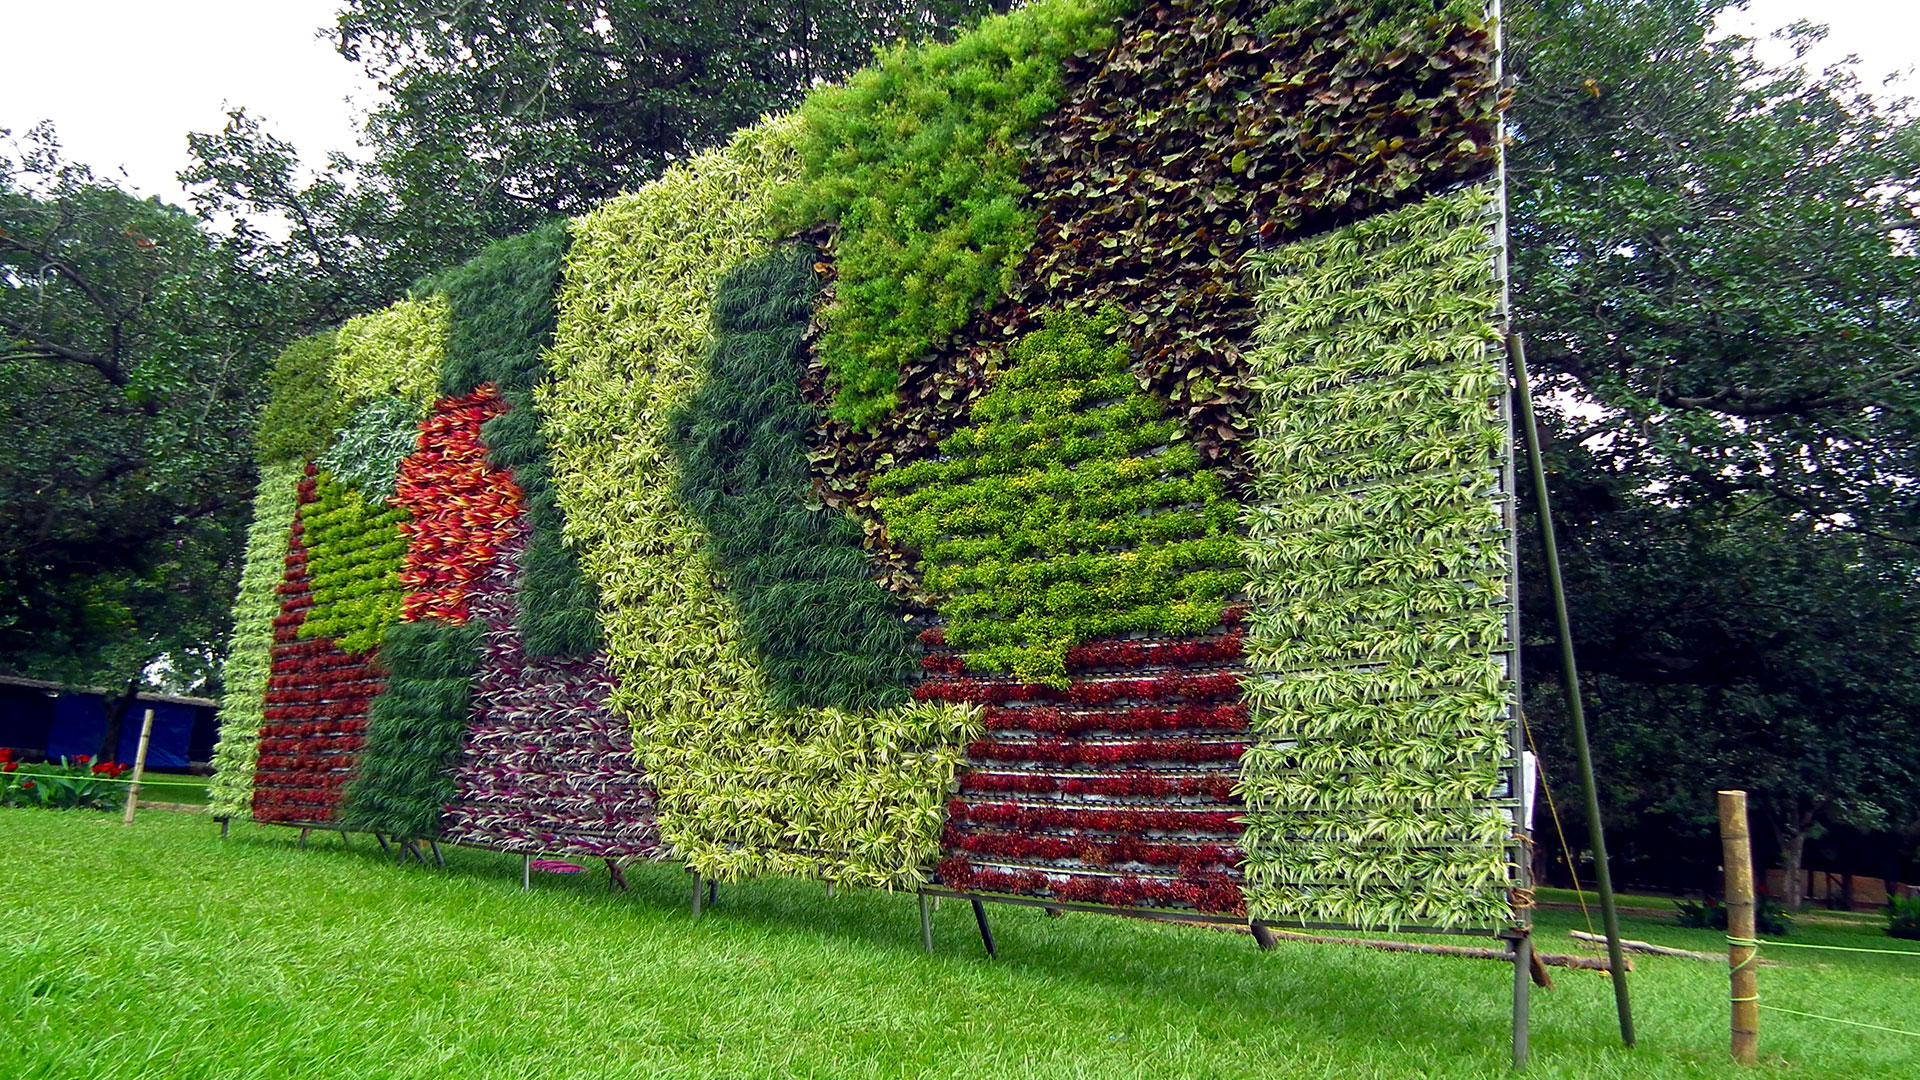 Jardines verticales y muros verdes acuarios naturales - Muros verdes verticales ...